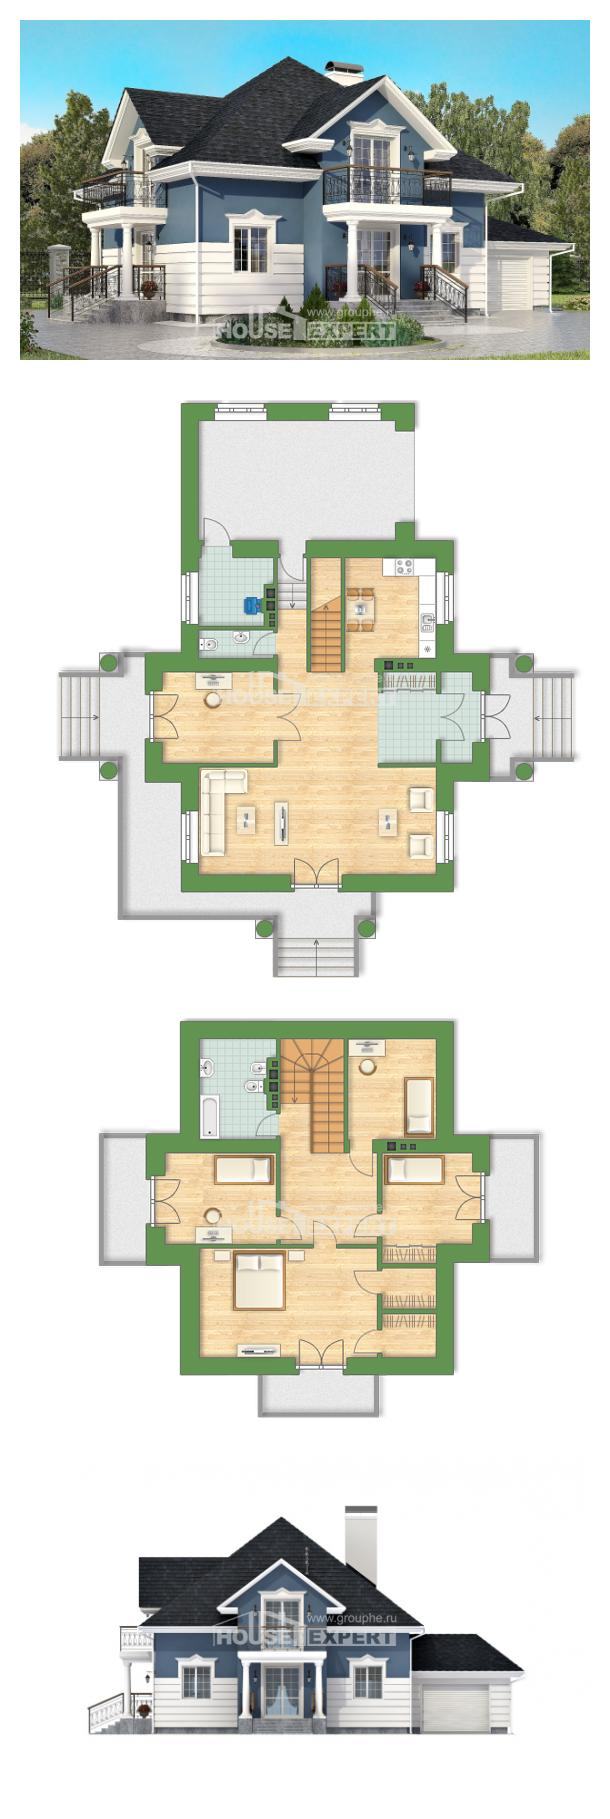 Проект дома 180-002-П   House Expert